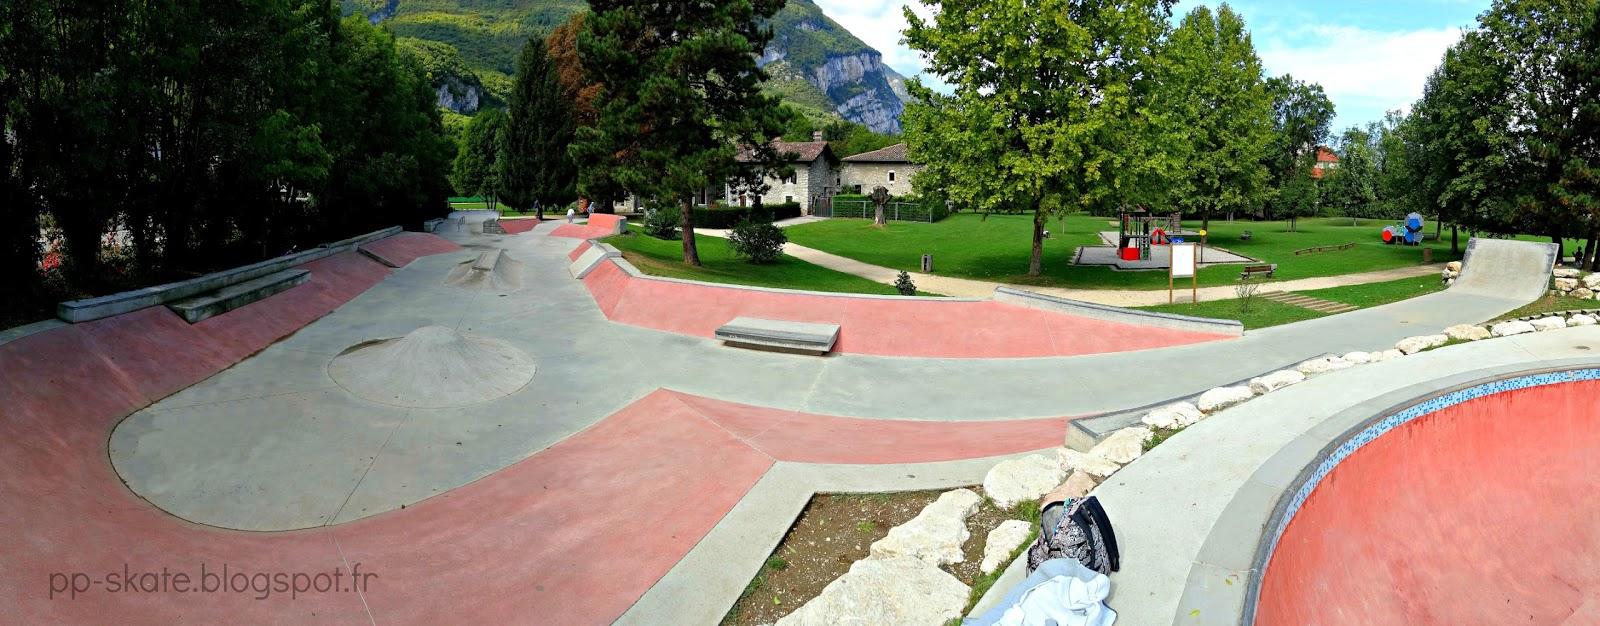 Skatepark Fontaine